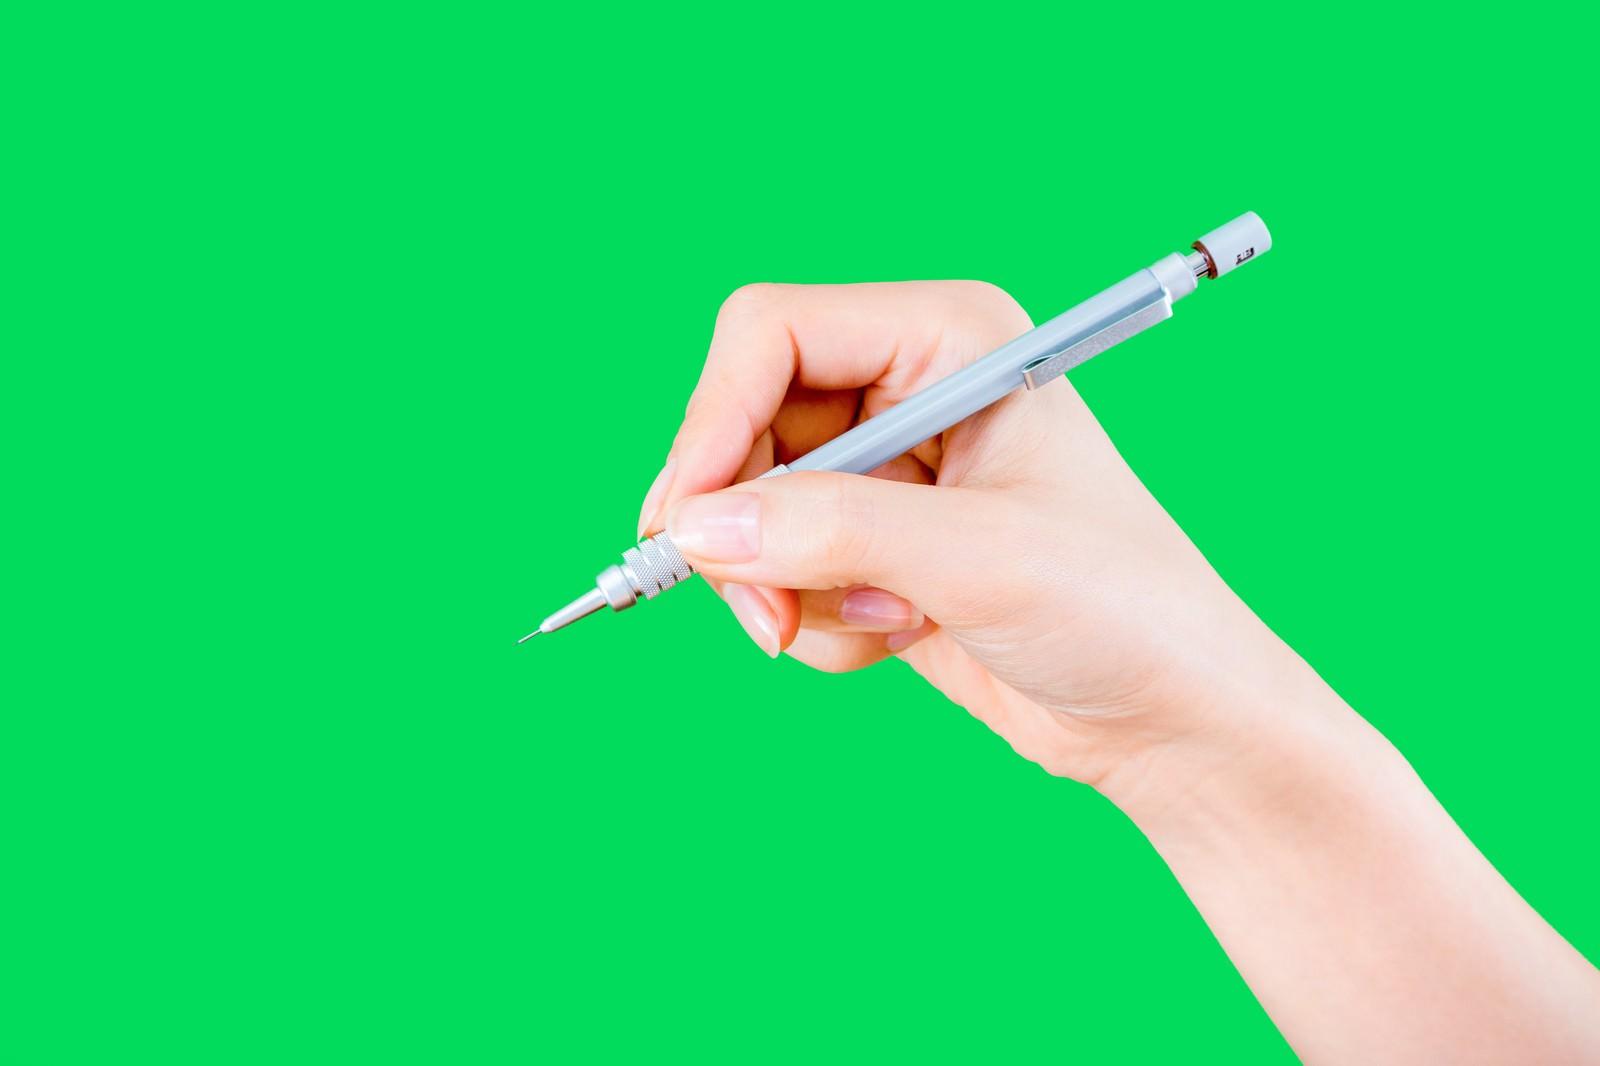 「シャーペンをもつ手(グリーンバック)シャーペンをもつ手(グリーンバック)」[モデル:MOA]のフリー写真素材を拡大